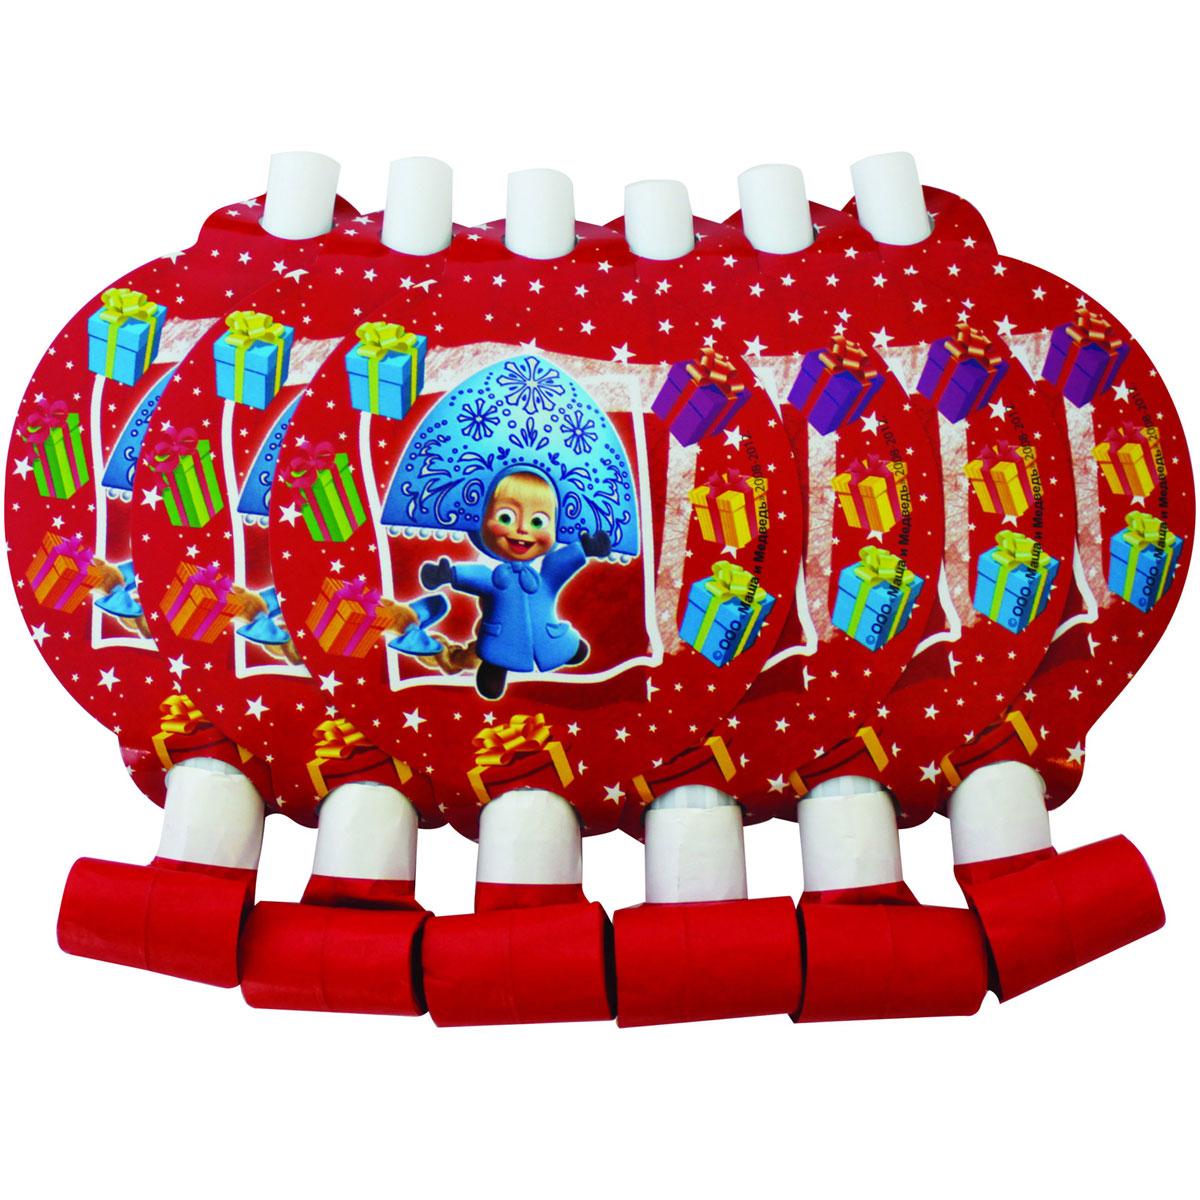 Маша и Медведь Язычок Новый год! 6 шт18800Любое детское торжество – это долгожданное событие для каждого ребенка. Это веселье, танцы, задорный смех малышей и много-много счастья. И великолепным дополнением к празднику станут язычки, которые могут лечь в основу многочисленных забав. В набор НОВЫЙ ГОД! входит 6 язычков. Также из данной серии вы можете выбрать бумажные стаканы, тарелки, дудочки, колпачки и полиэтиленовую скатерть. Товар сертифицирован. Упаковка - пакет с хедером.